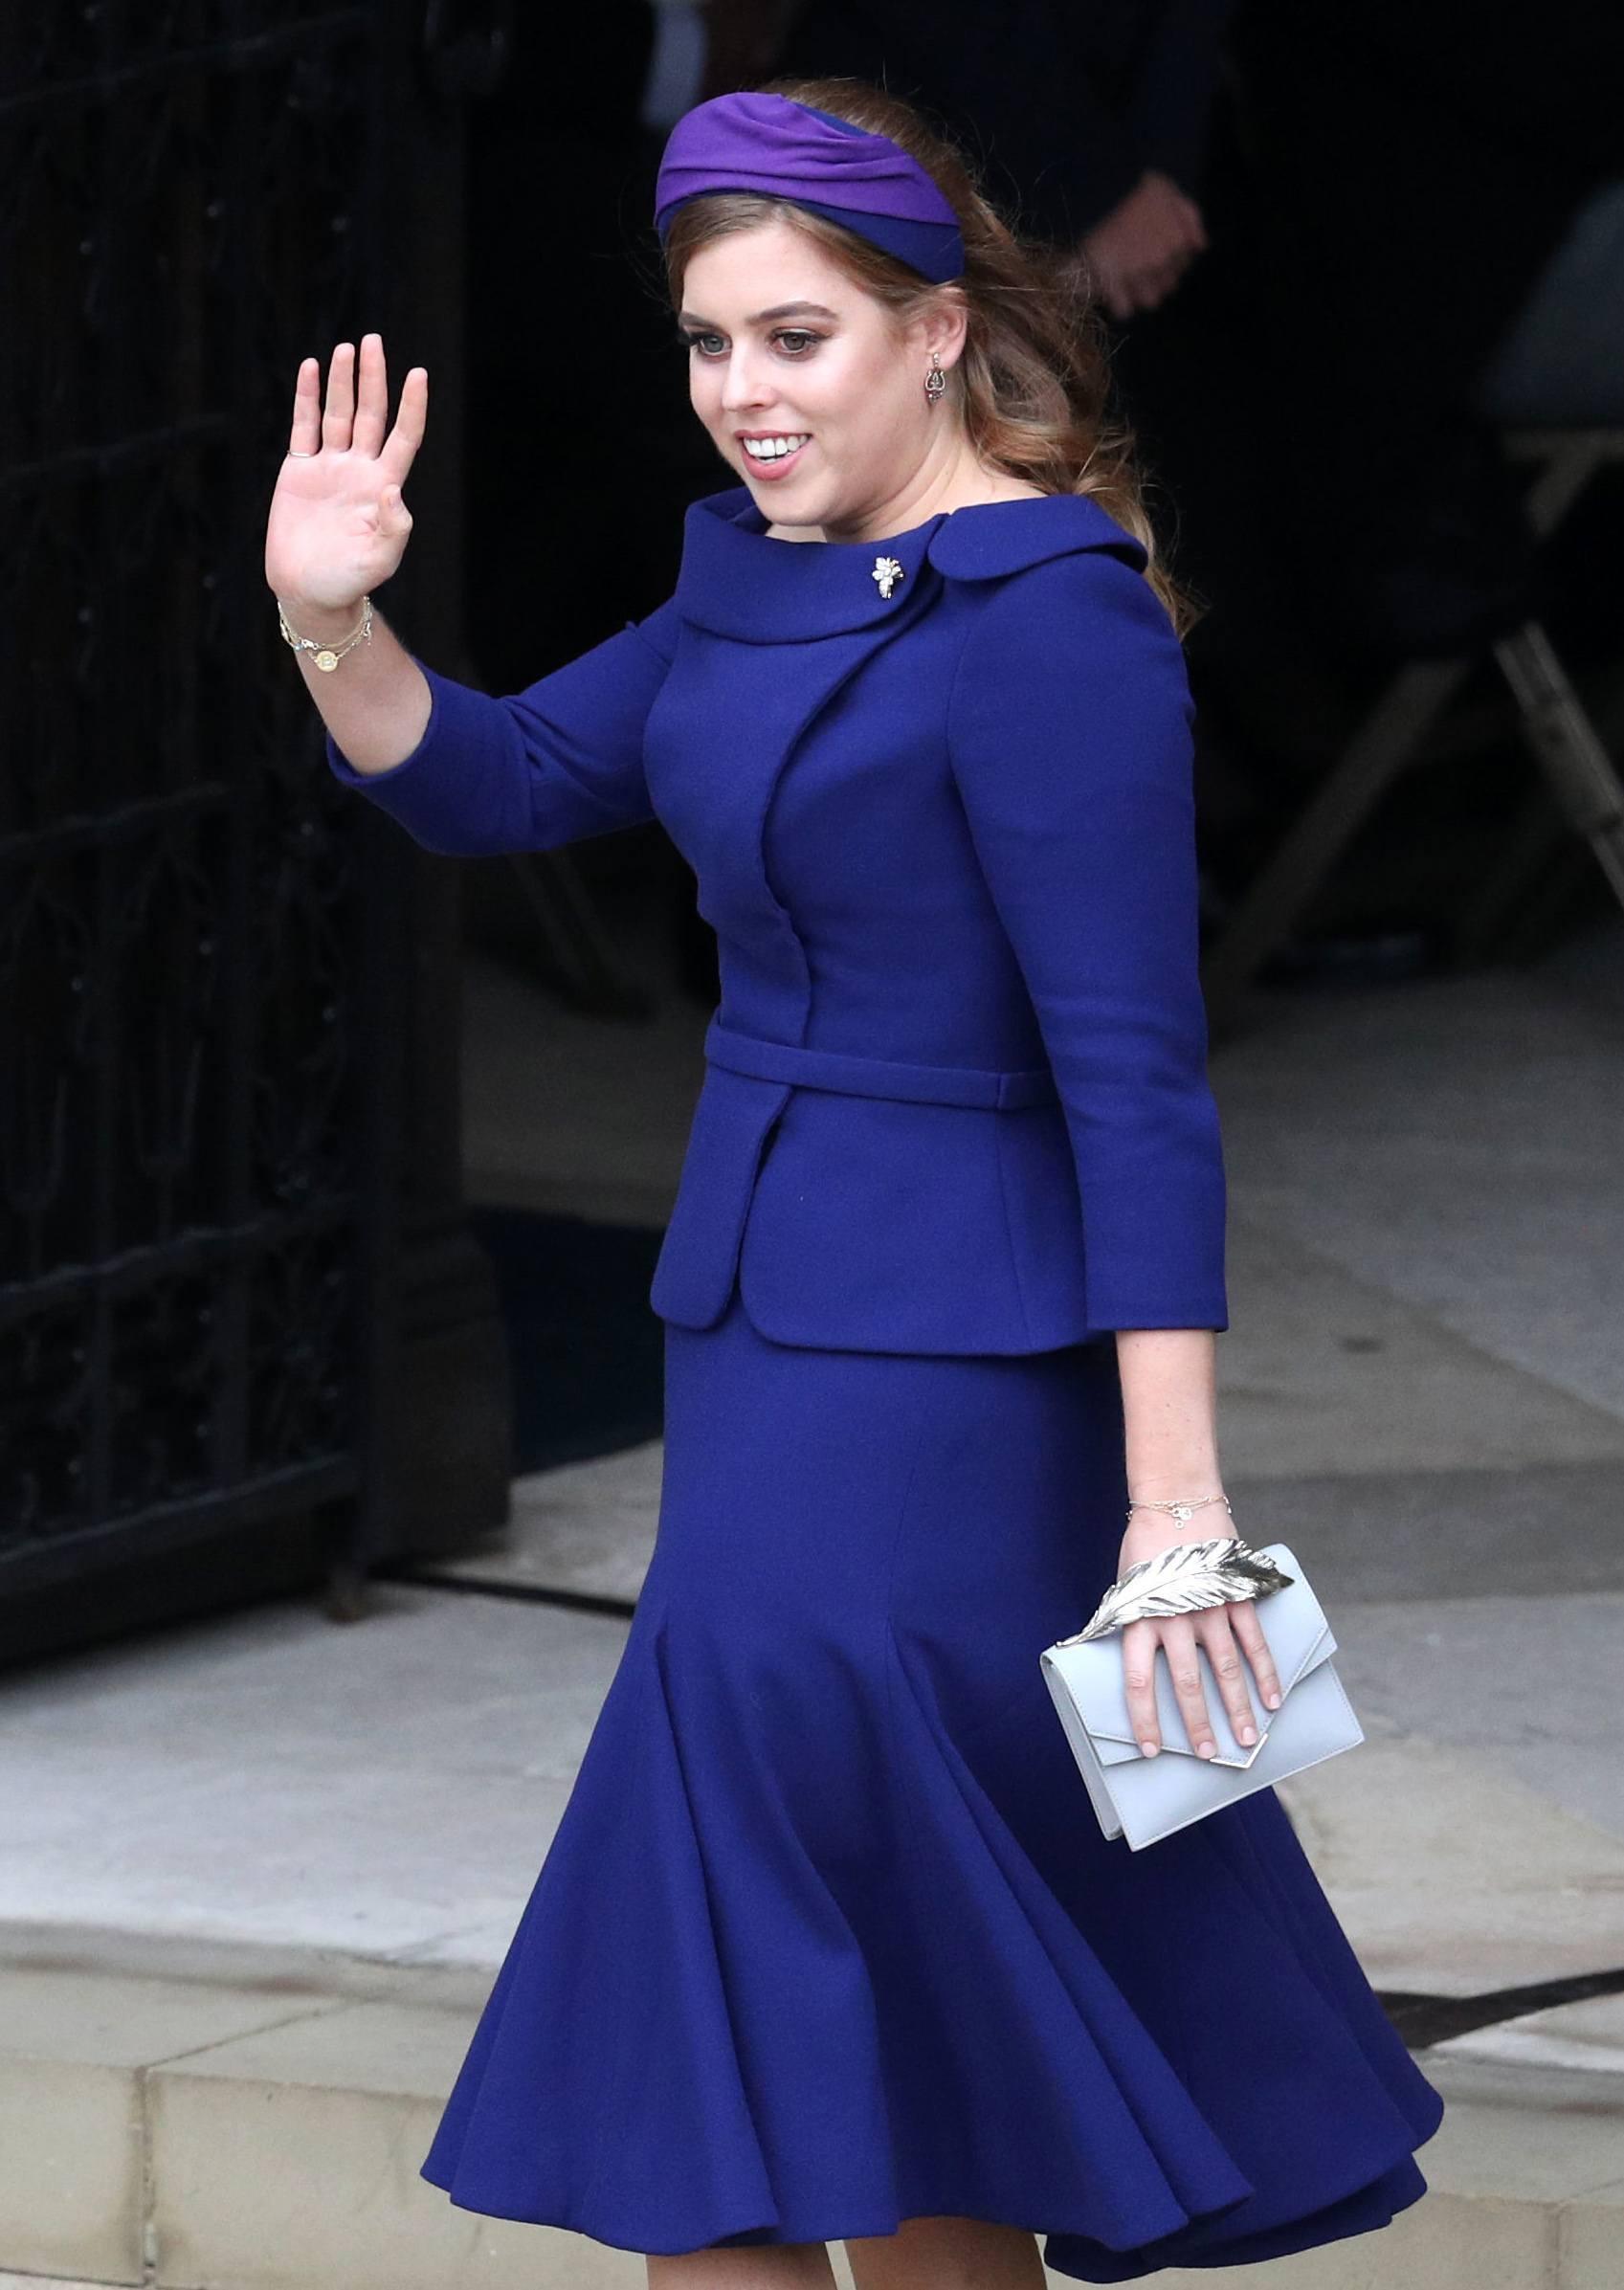 Charlotte en la boda de n la boda de Princesa Eugenie y Jack Brooksbank